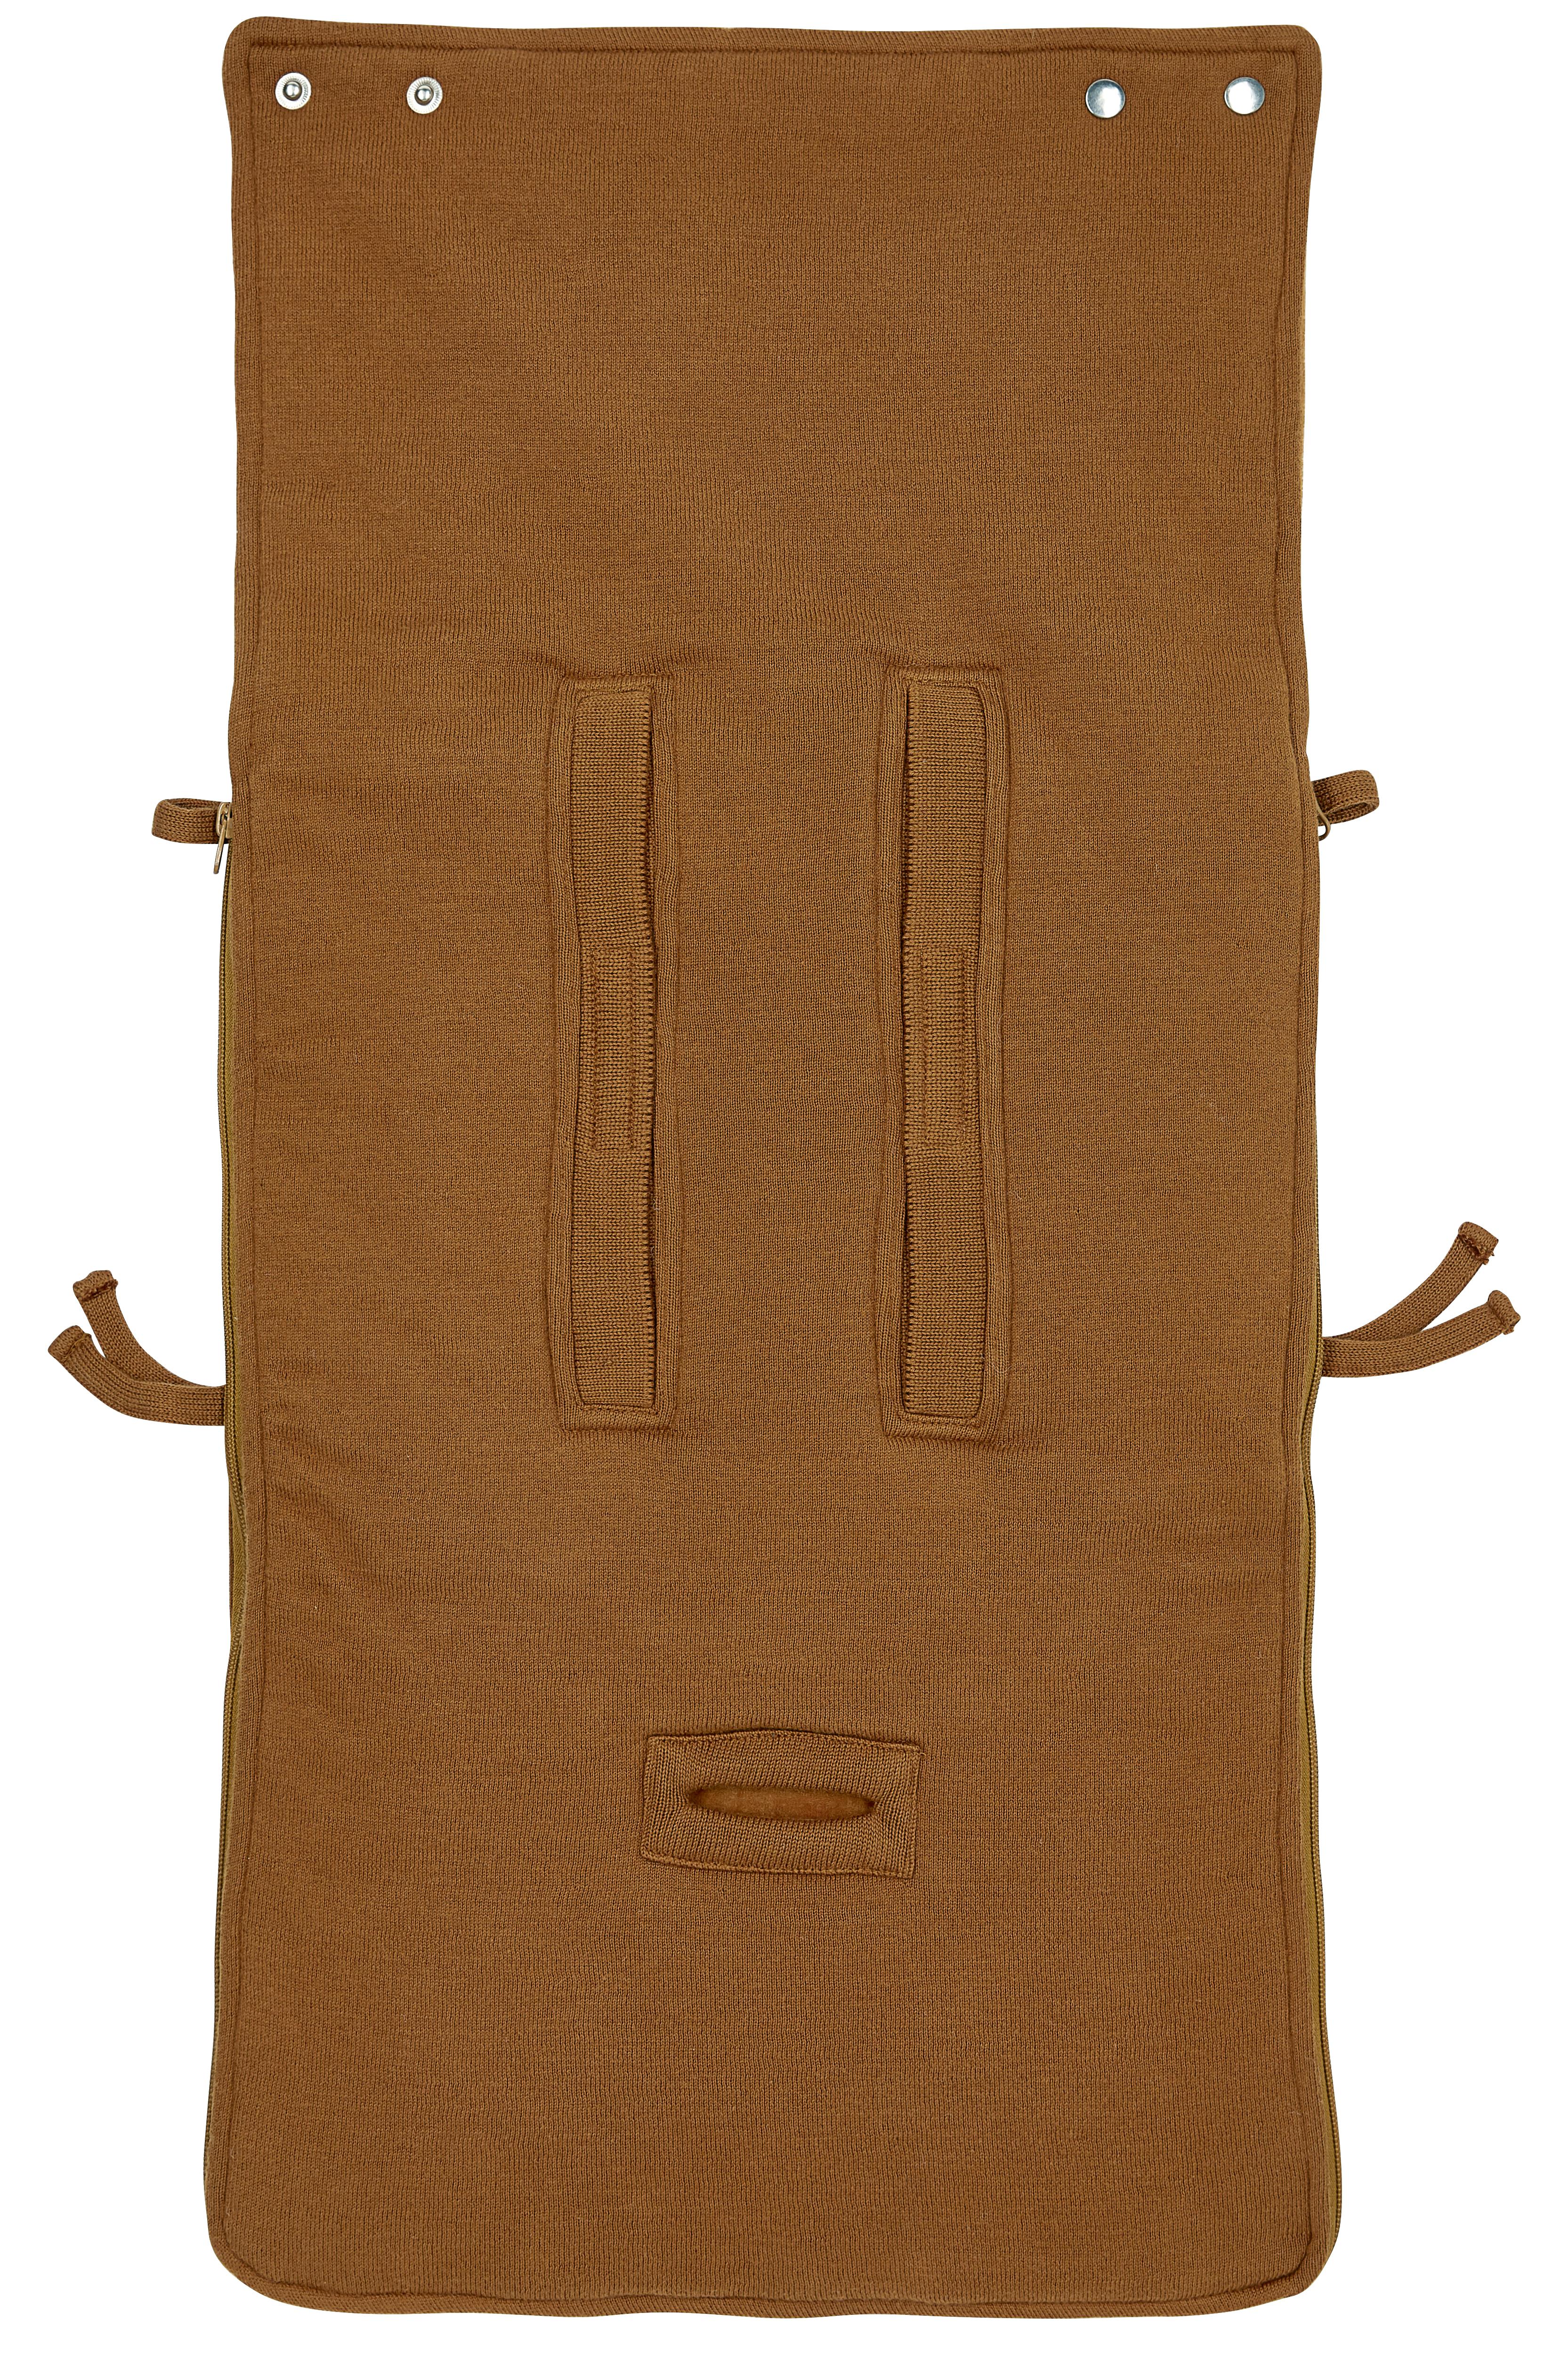 Voetenzak Knit Basic - Camel - 40x82cm